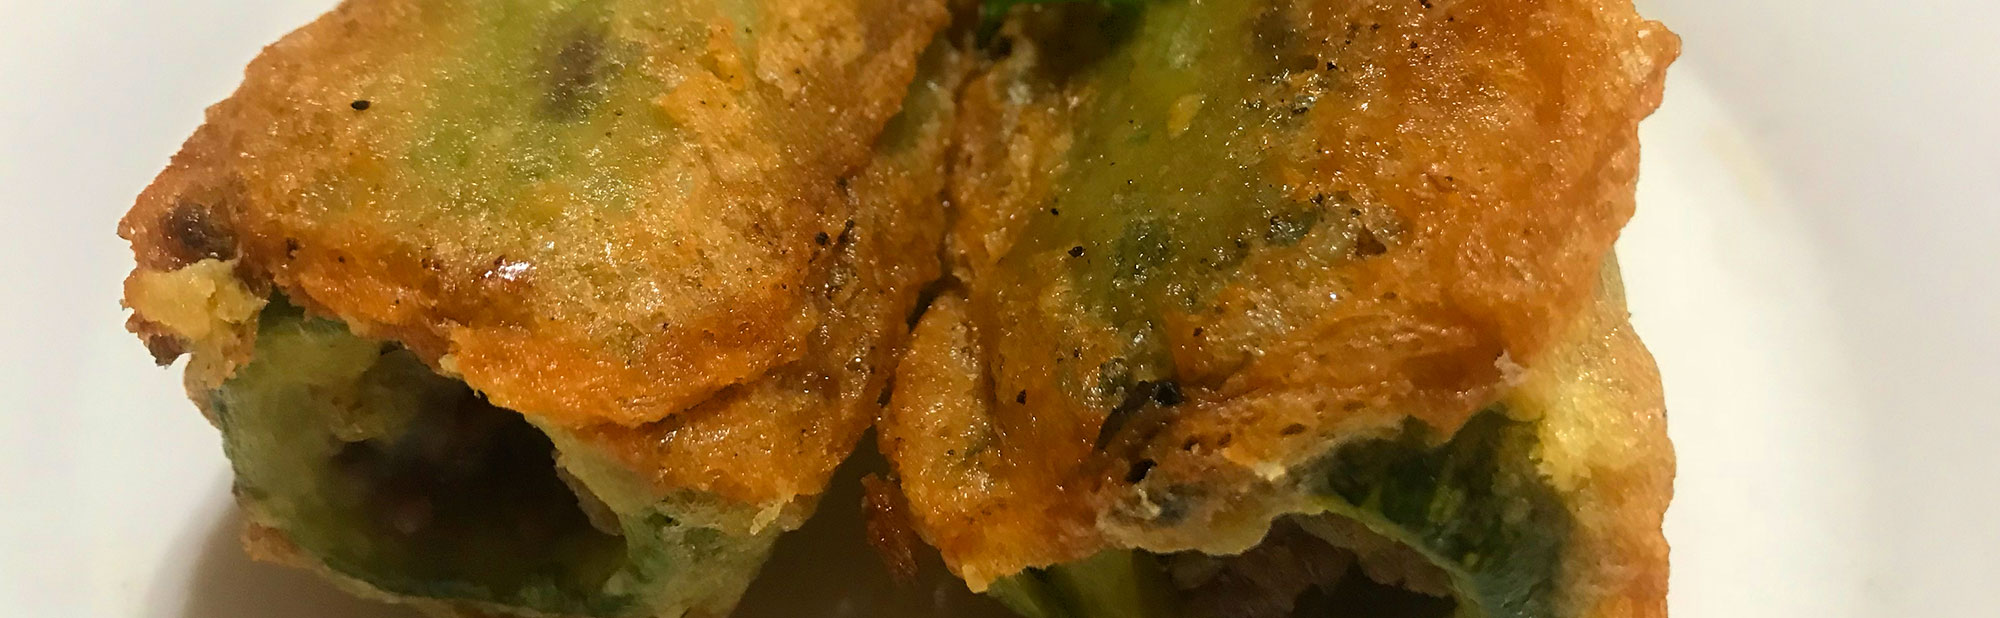 La Antojadera | Calabazas Rellenas de Carne Molida de Res Capeadas